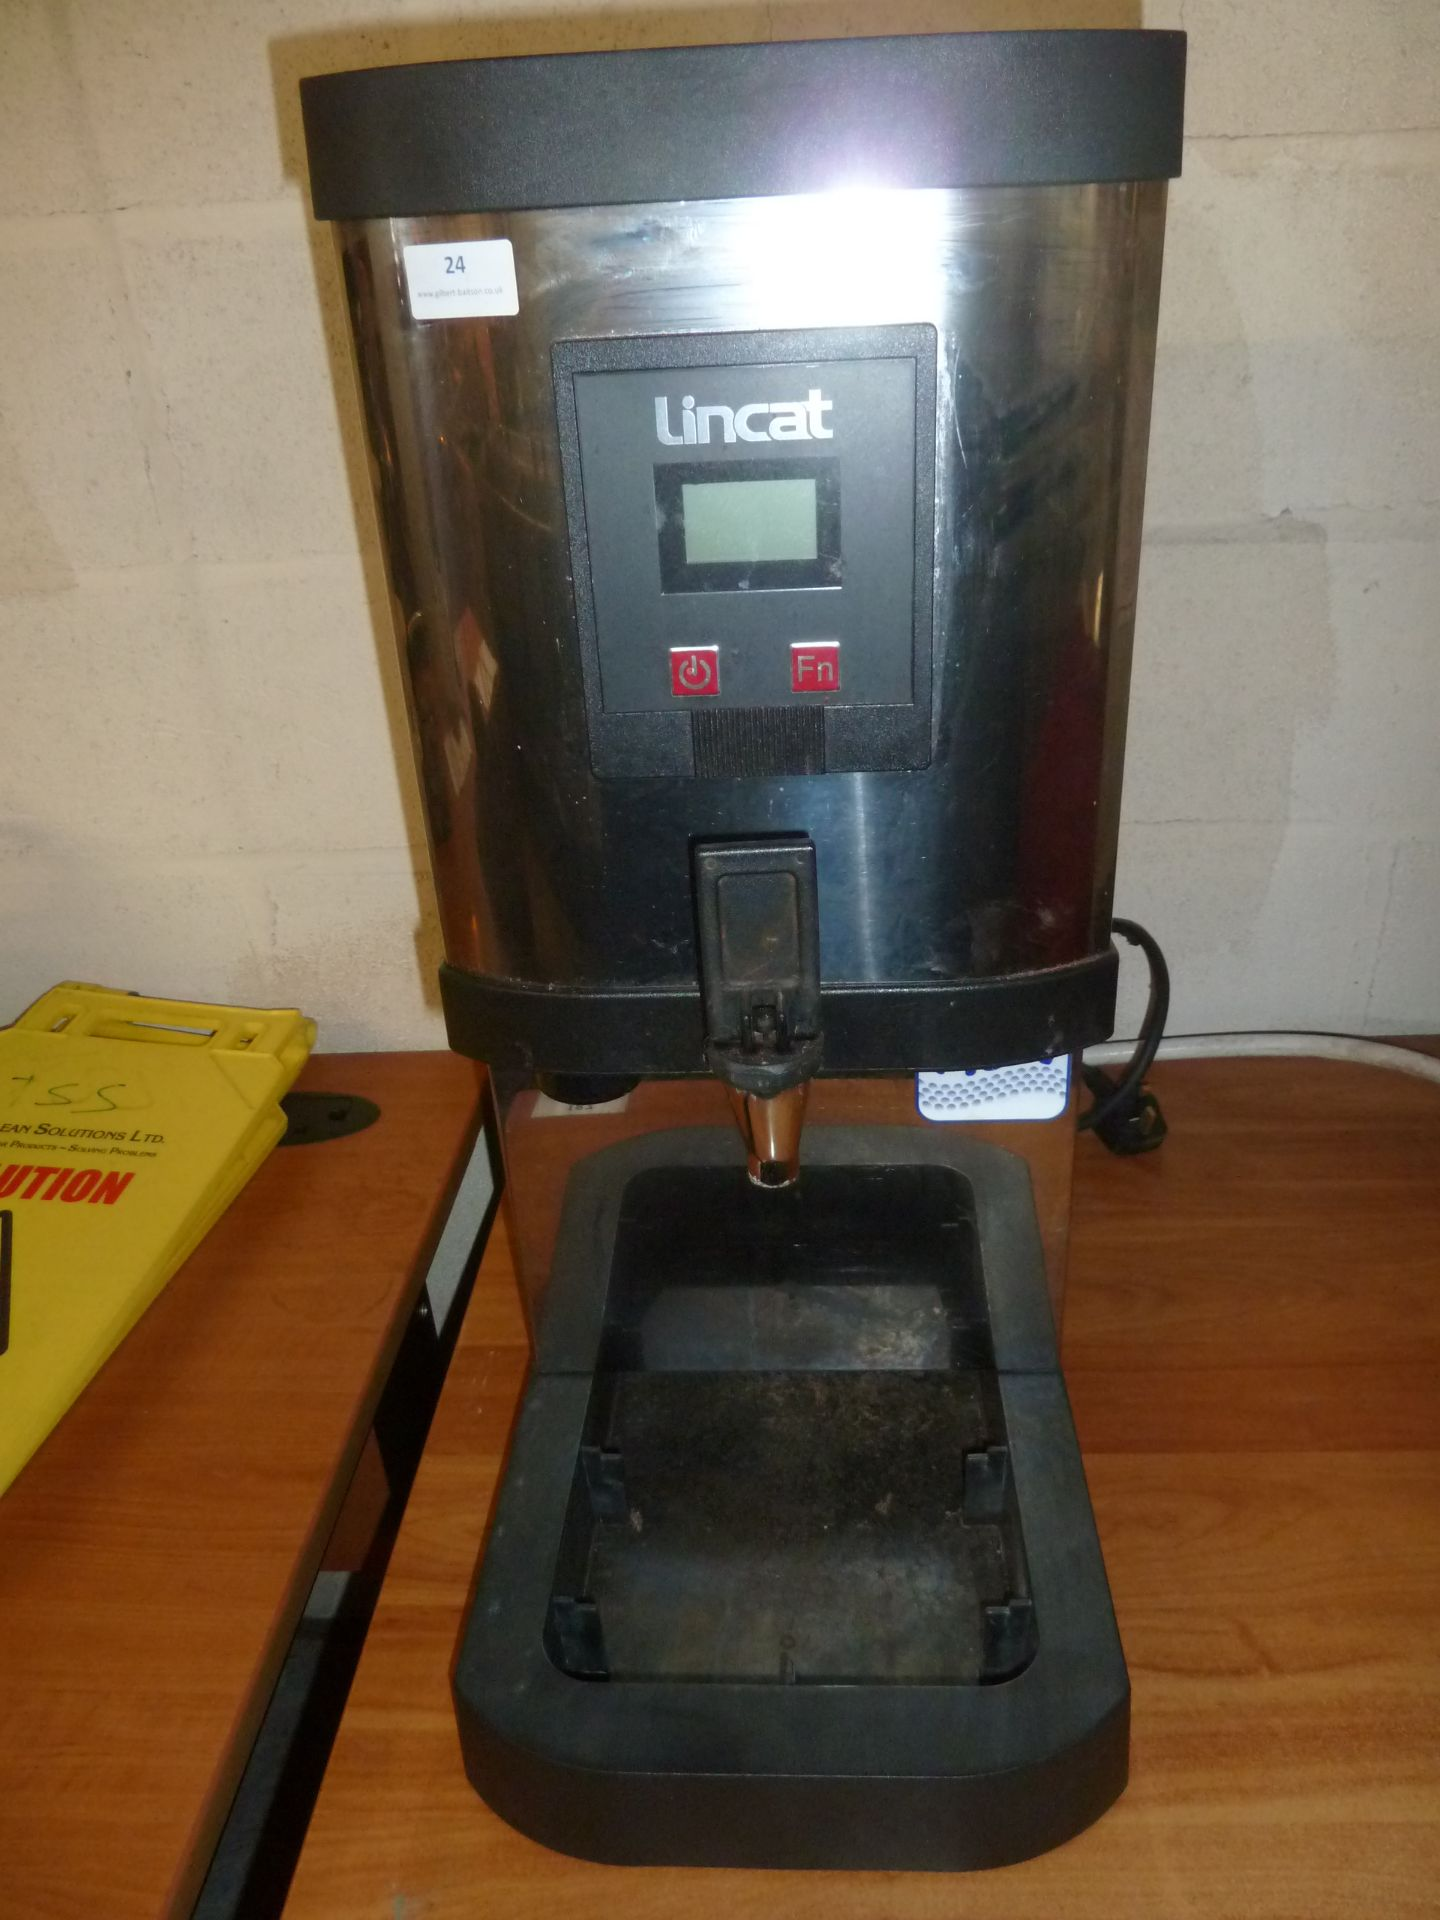 *Lincat hot water boiler 280w x 460d x 660h